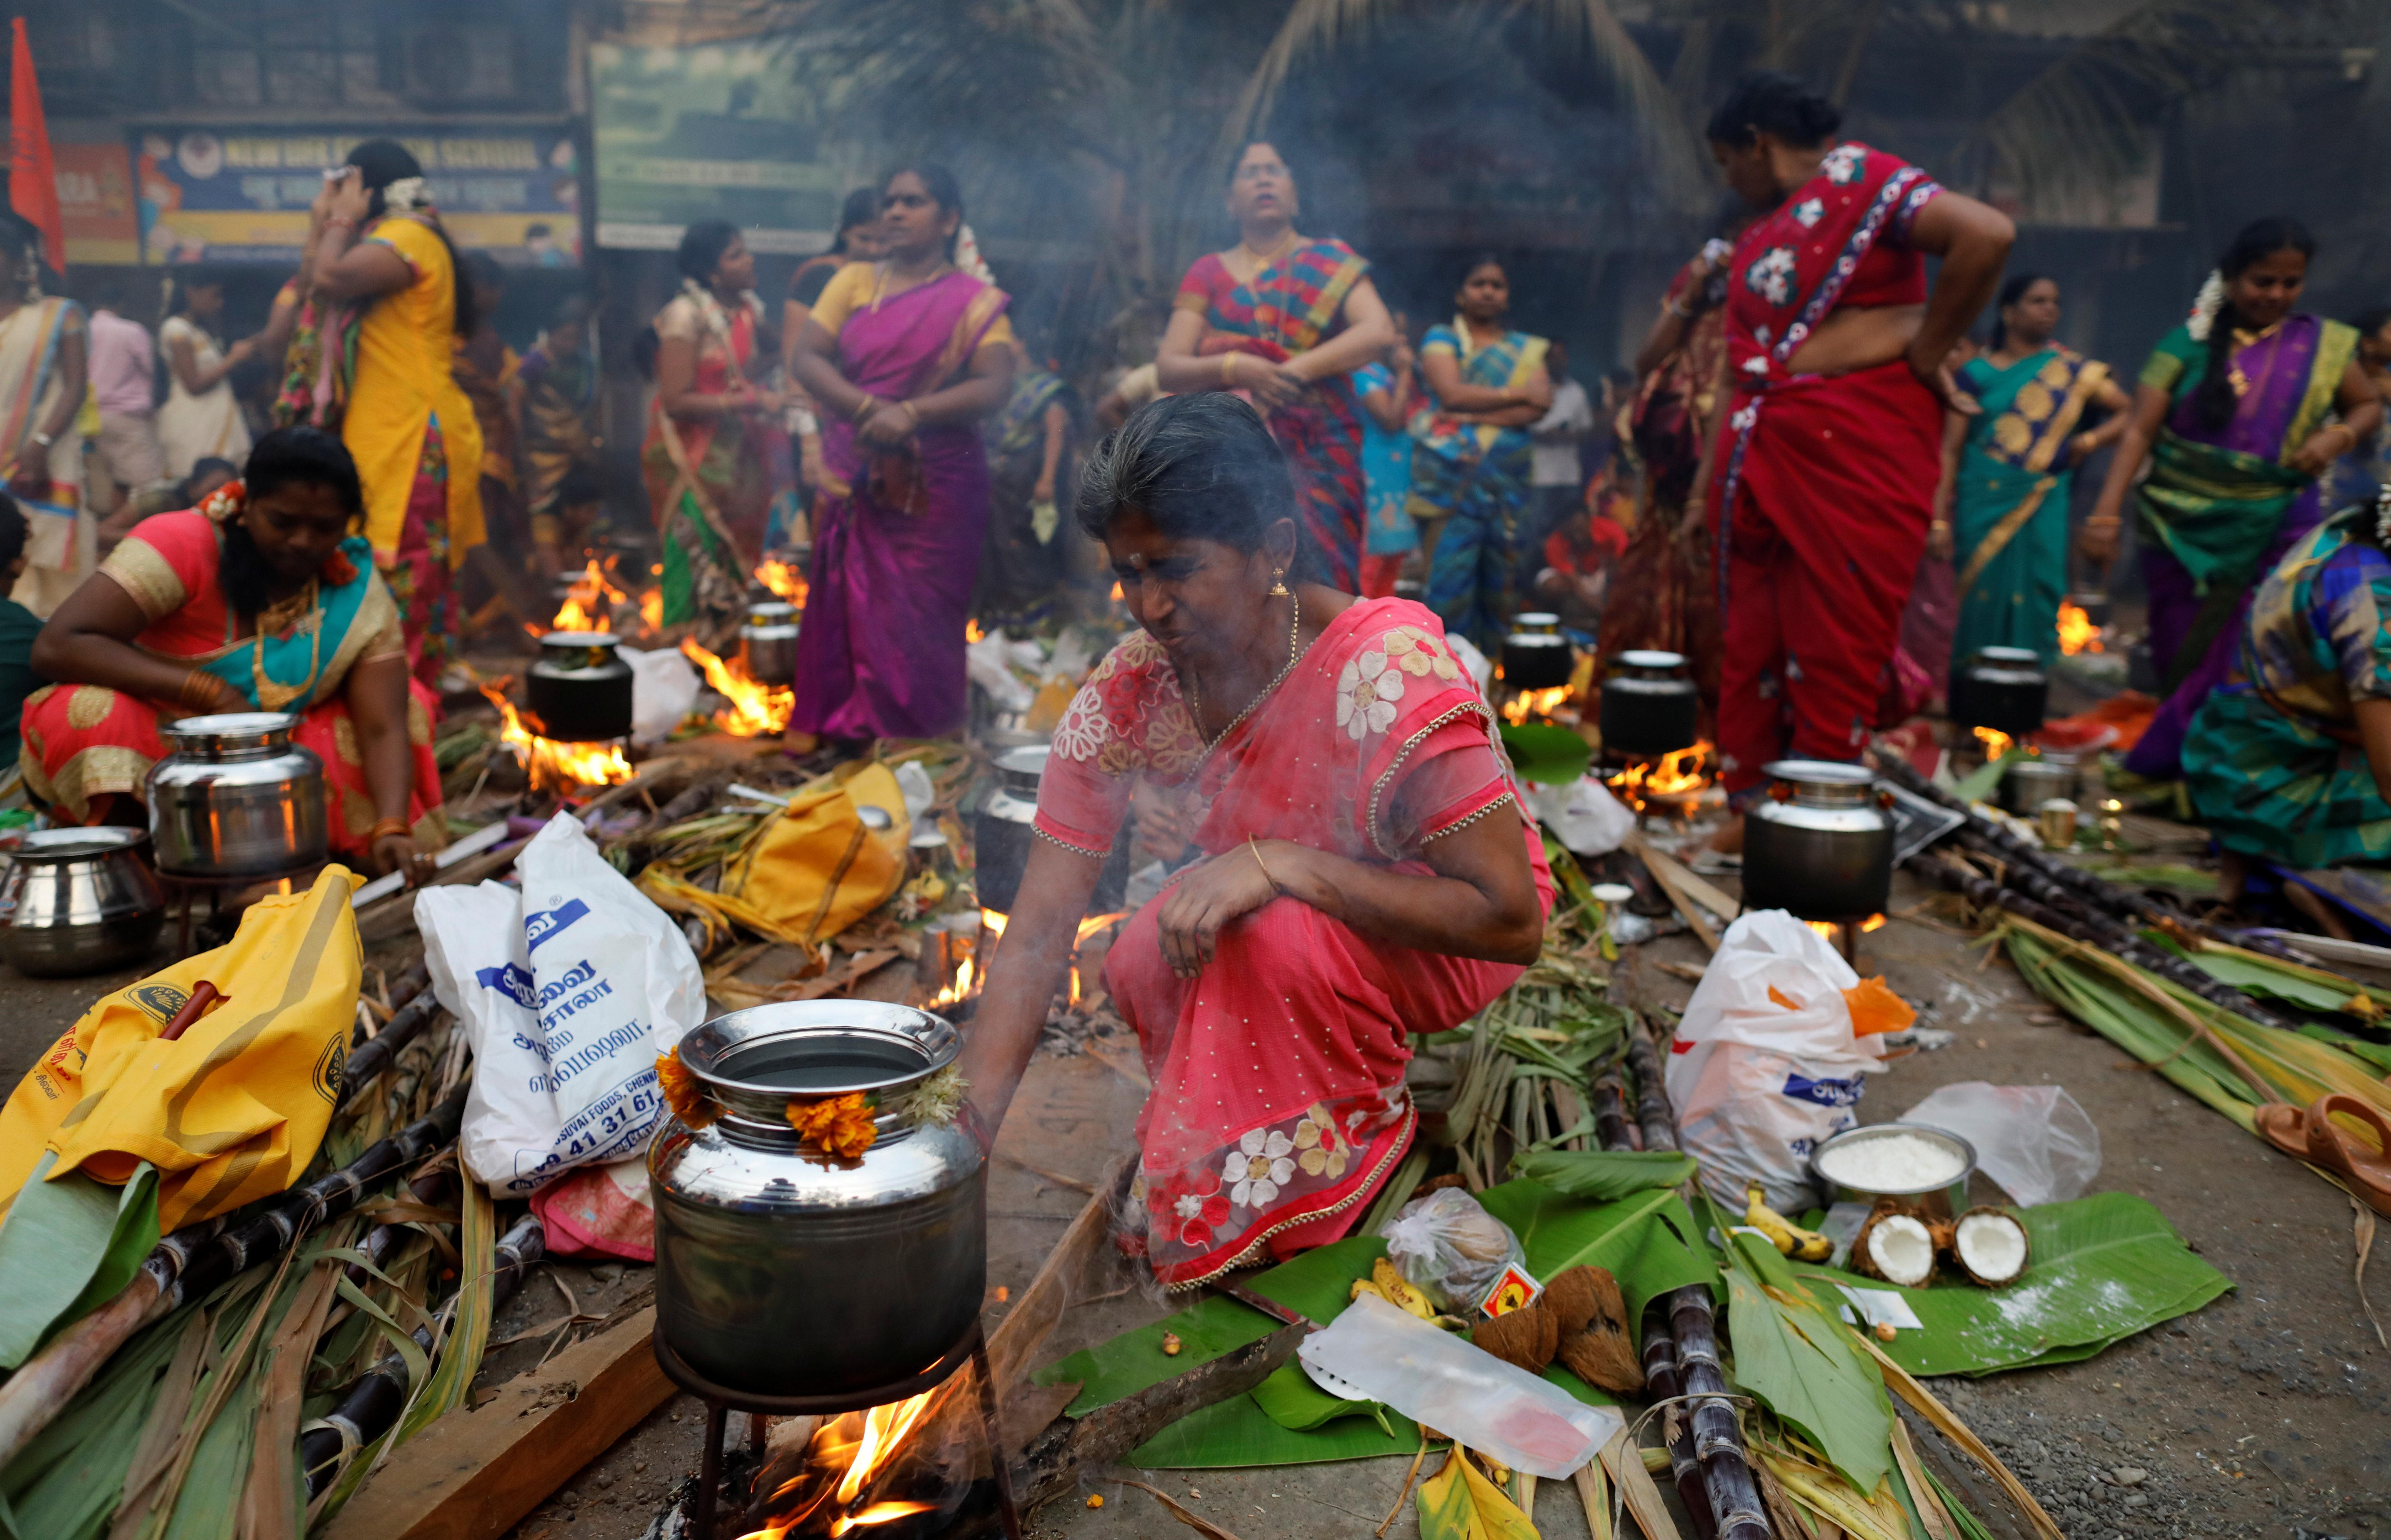 طقوس احتفالات مهرجان البونجال